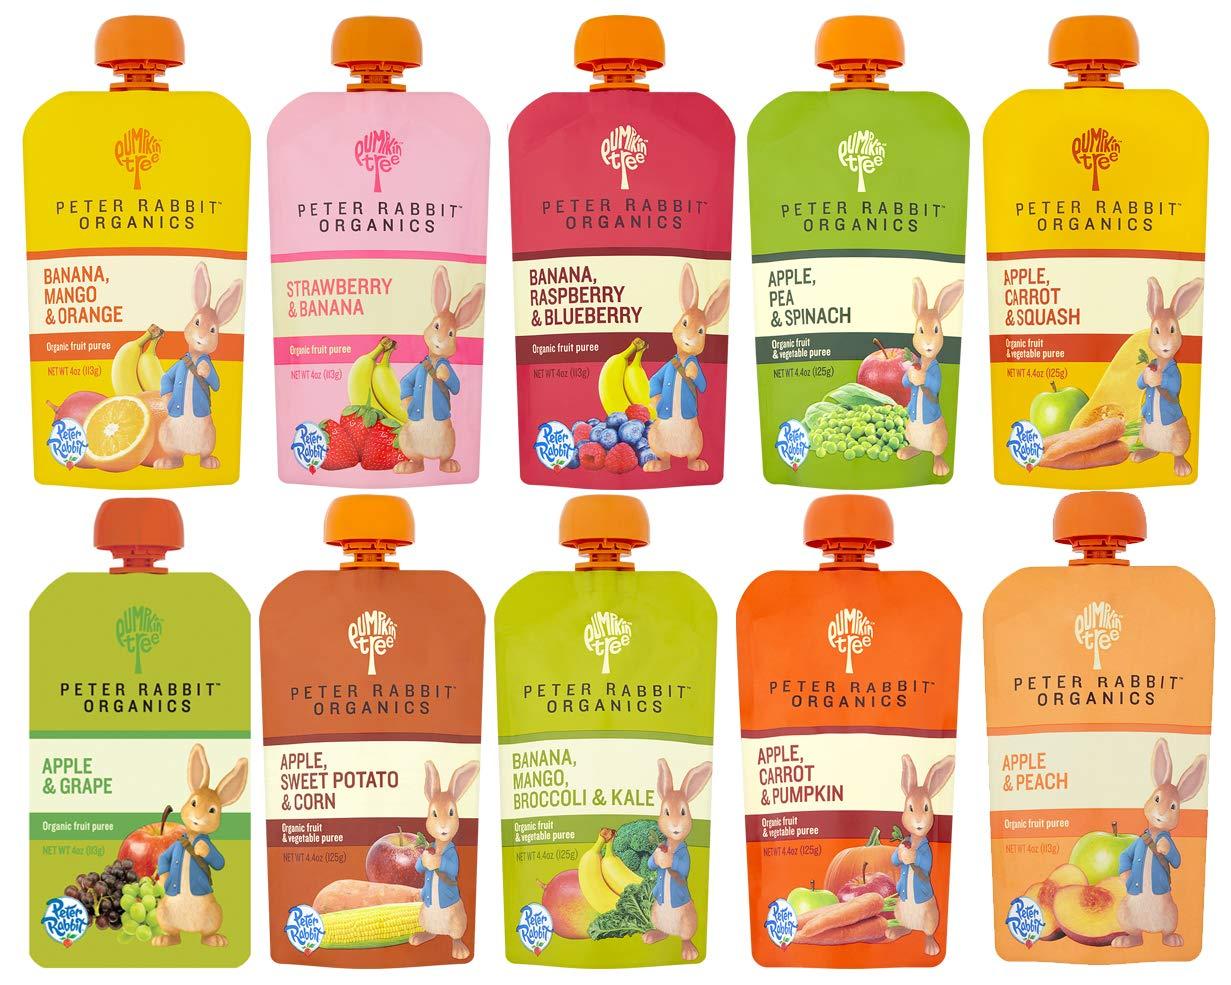 Peter Rabbit Organics 100% Pure Baby Food 10 Flavor Variety,   (Pack of 10) by Peter Rabbit Organics